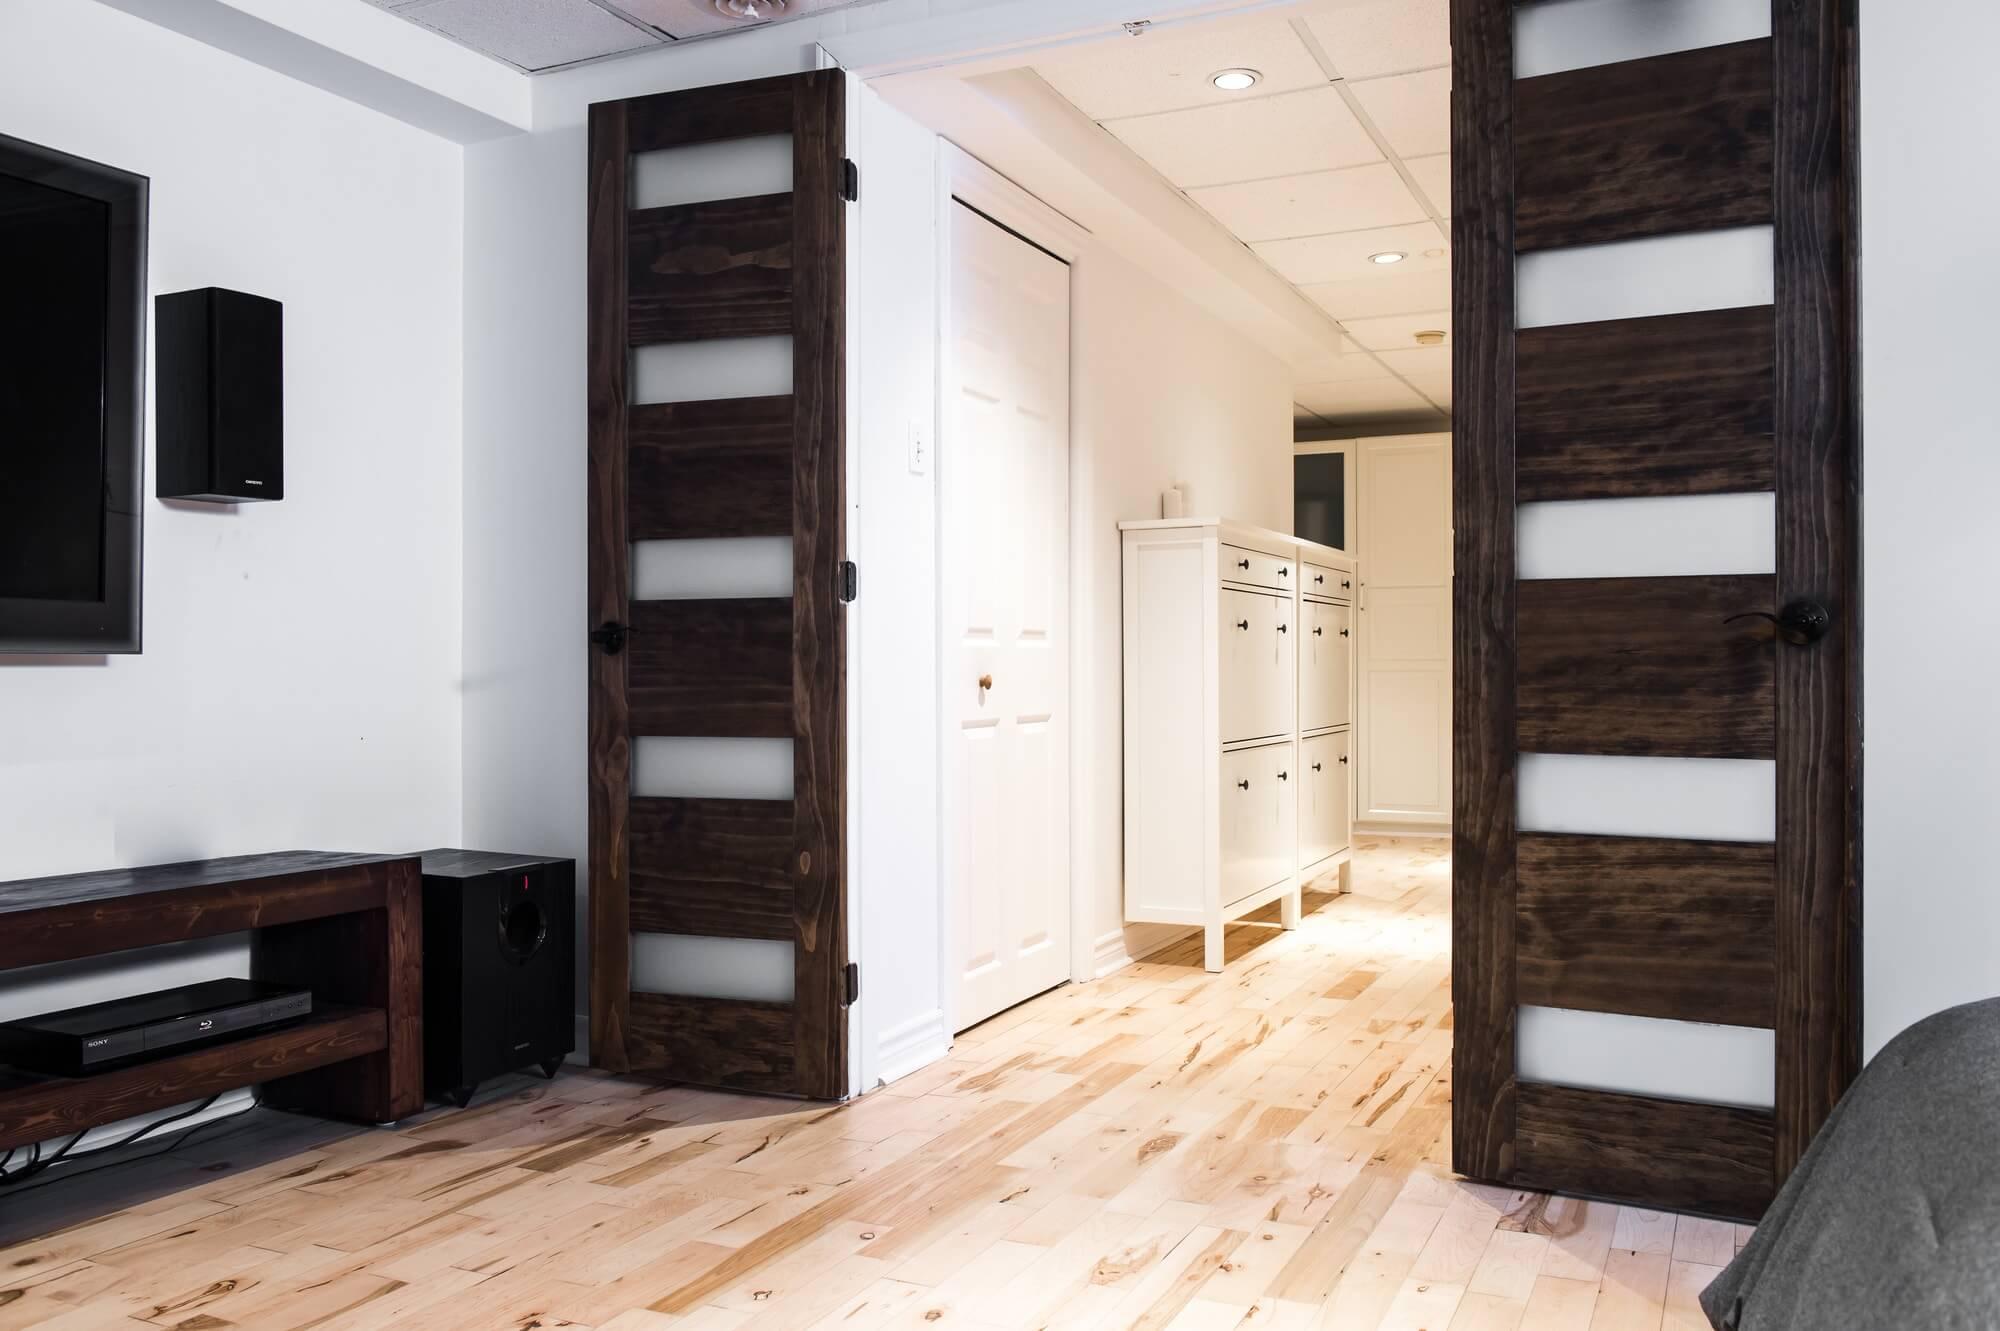 Aménagement de sous-sol avec plancher de bois franc pâle et grandes portes en bois vitrées foncées